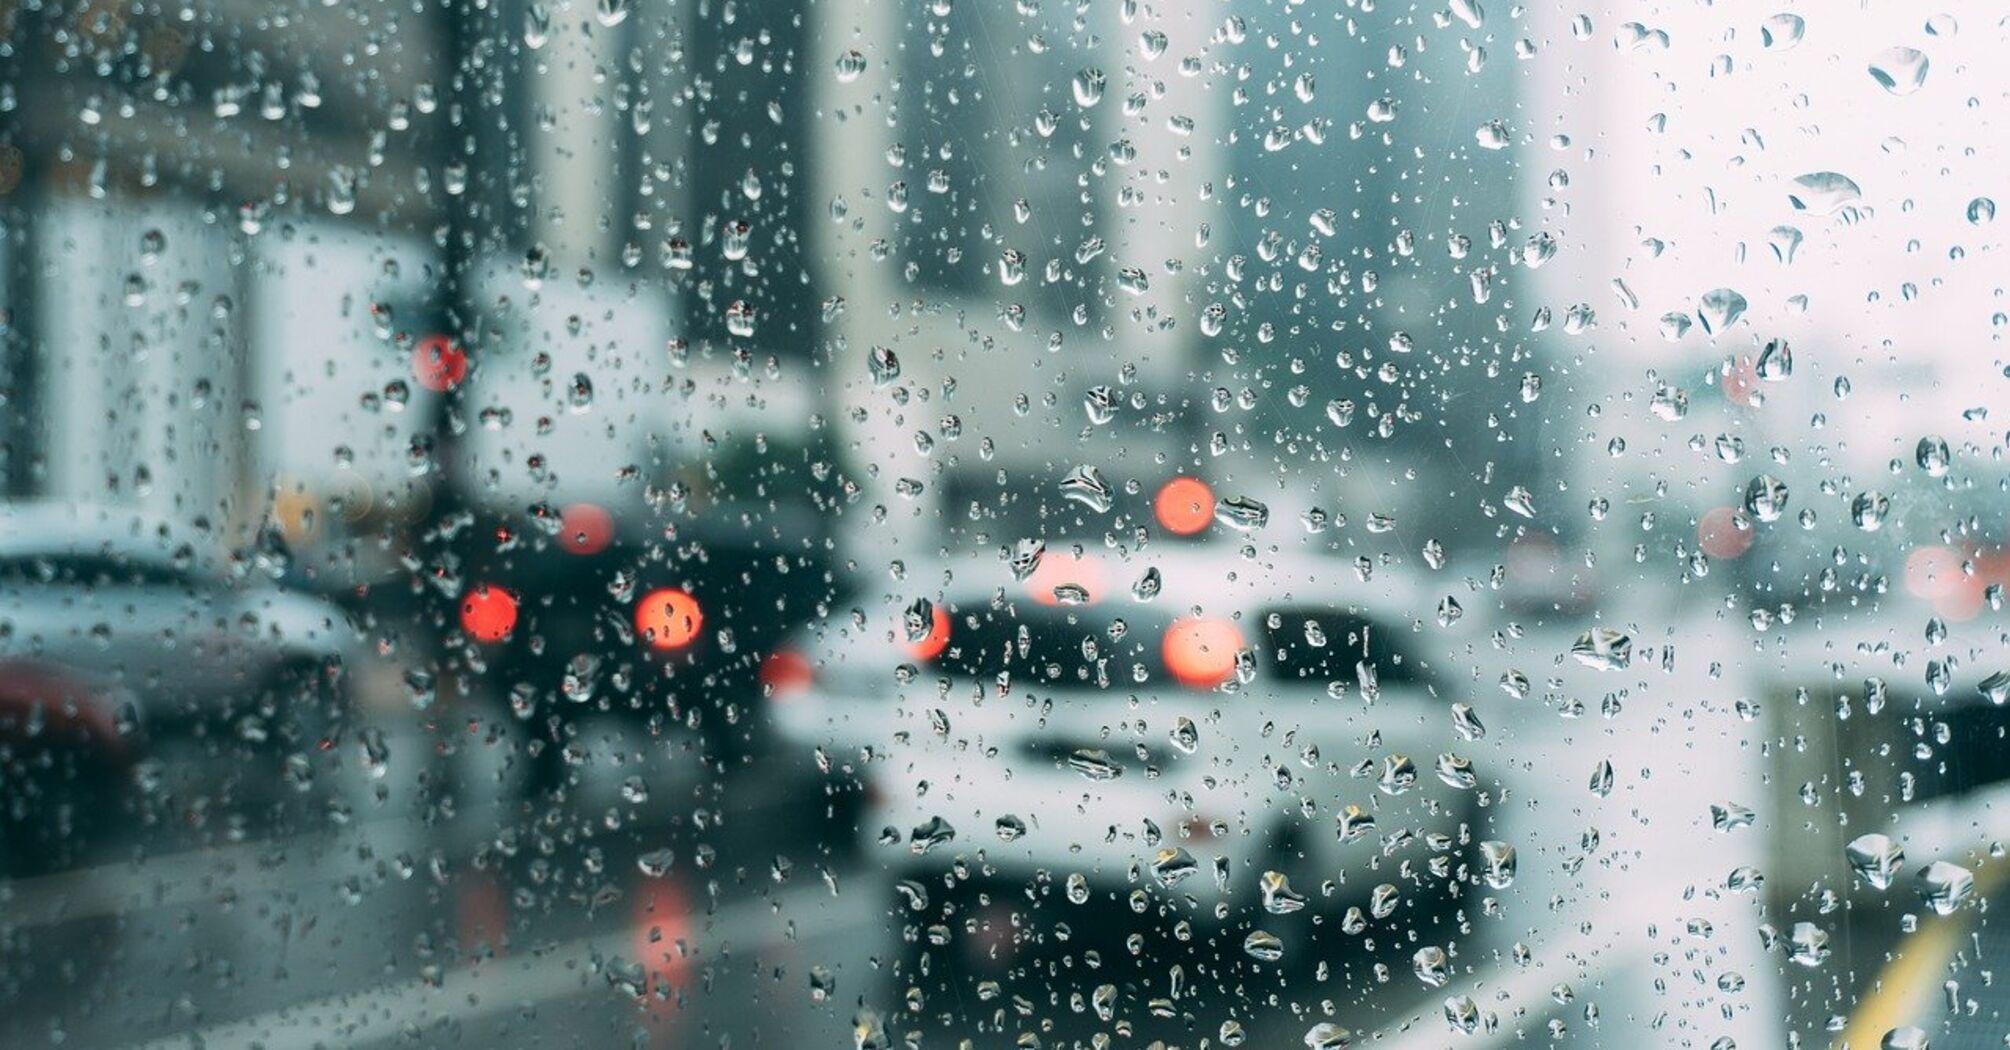 В Украине объявили штормовое предупреждение: снег, дожди и гололед